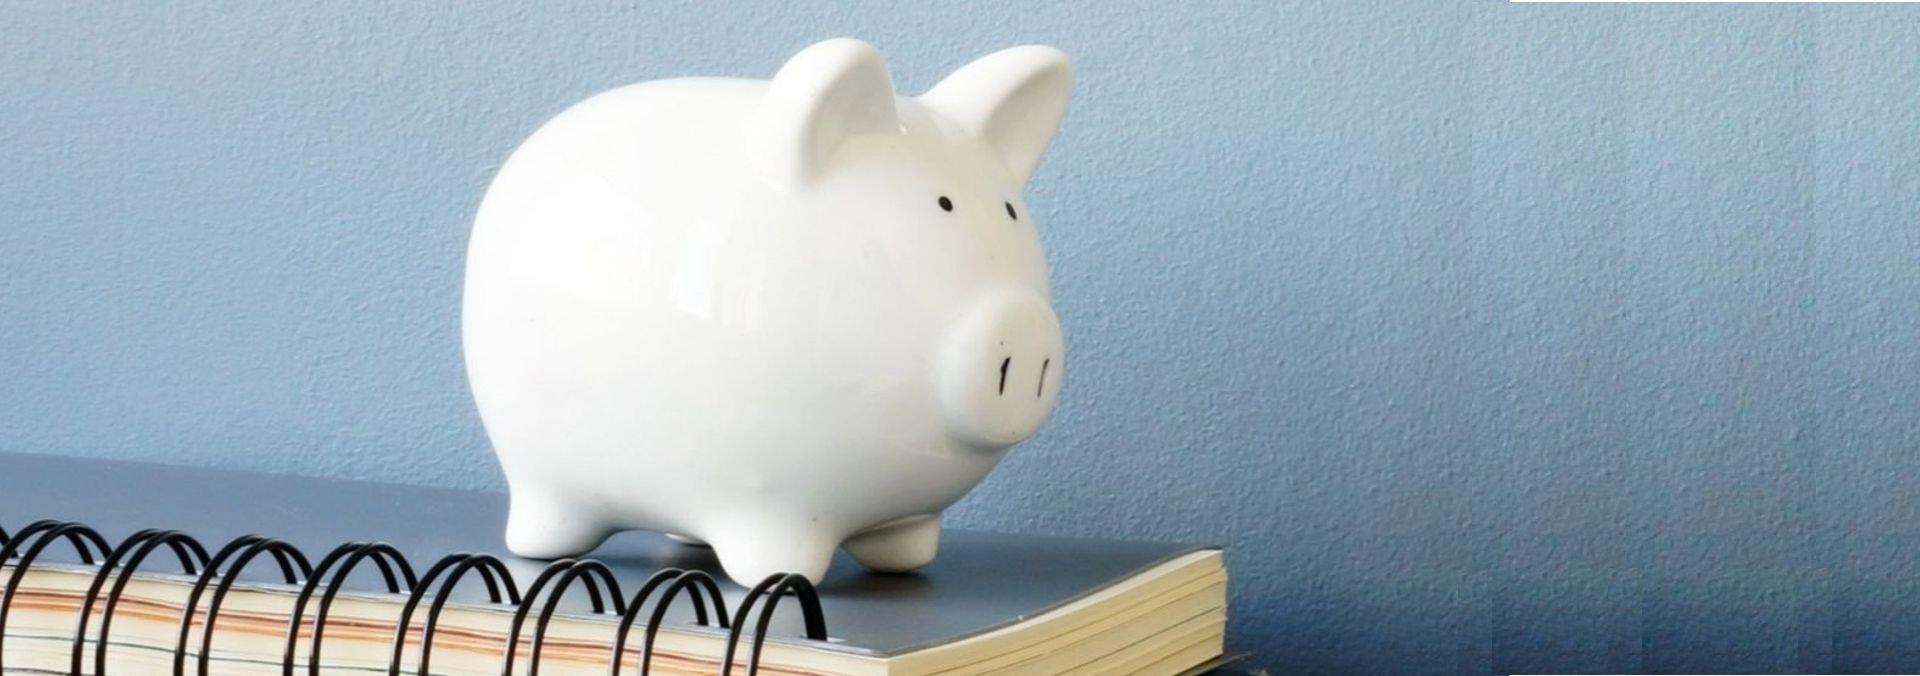 piggy bank student loans